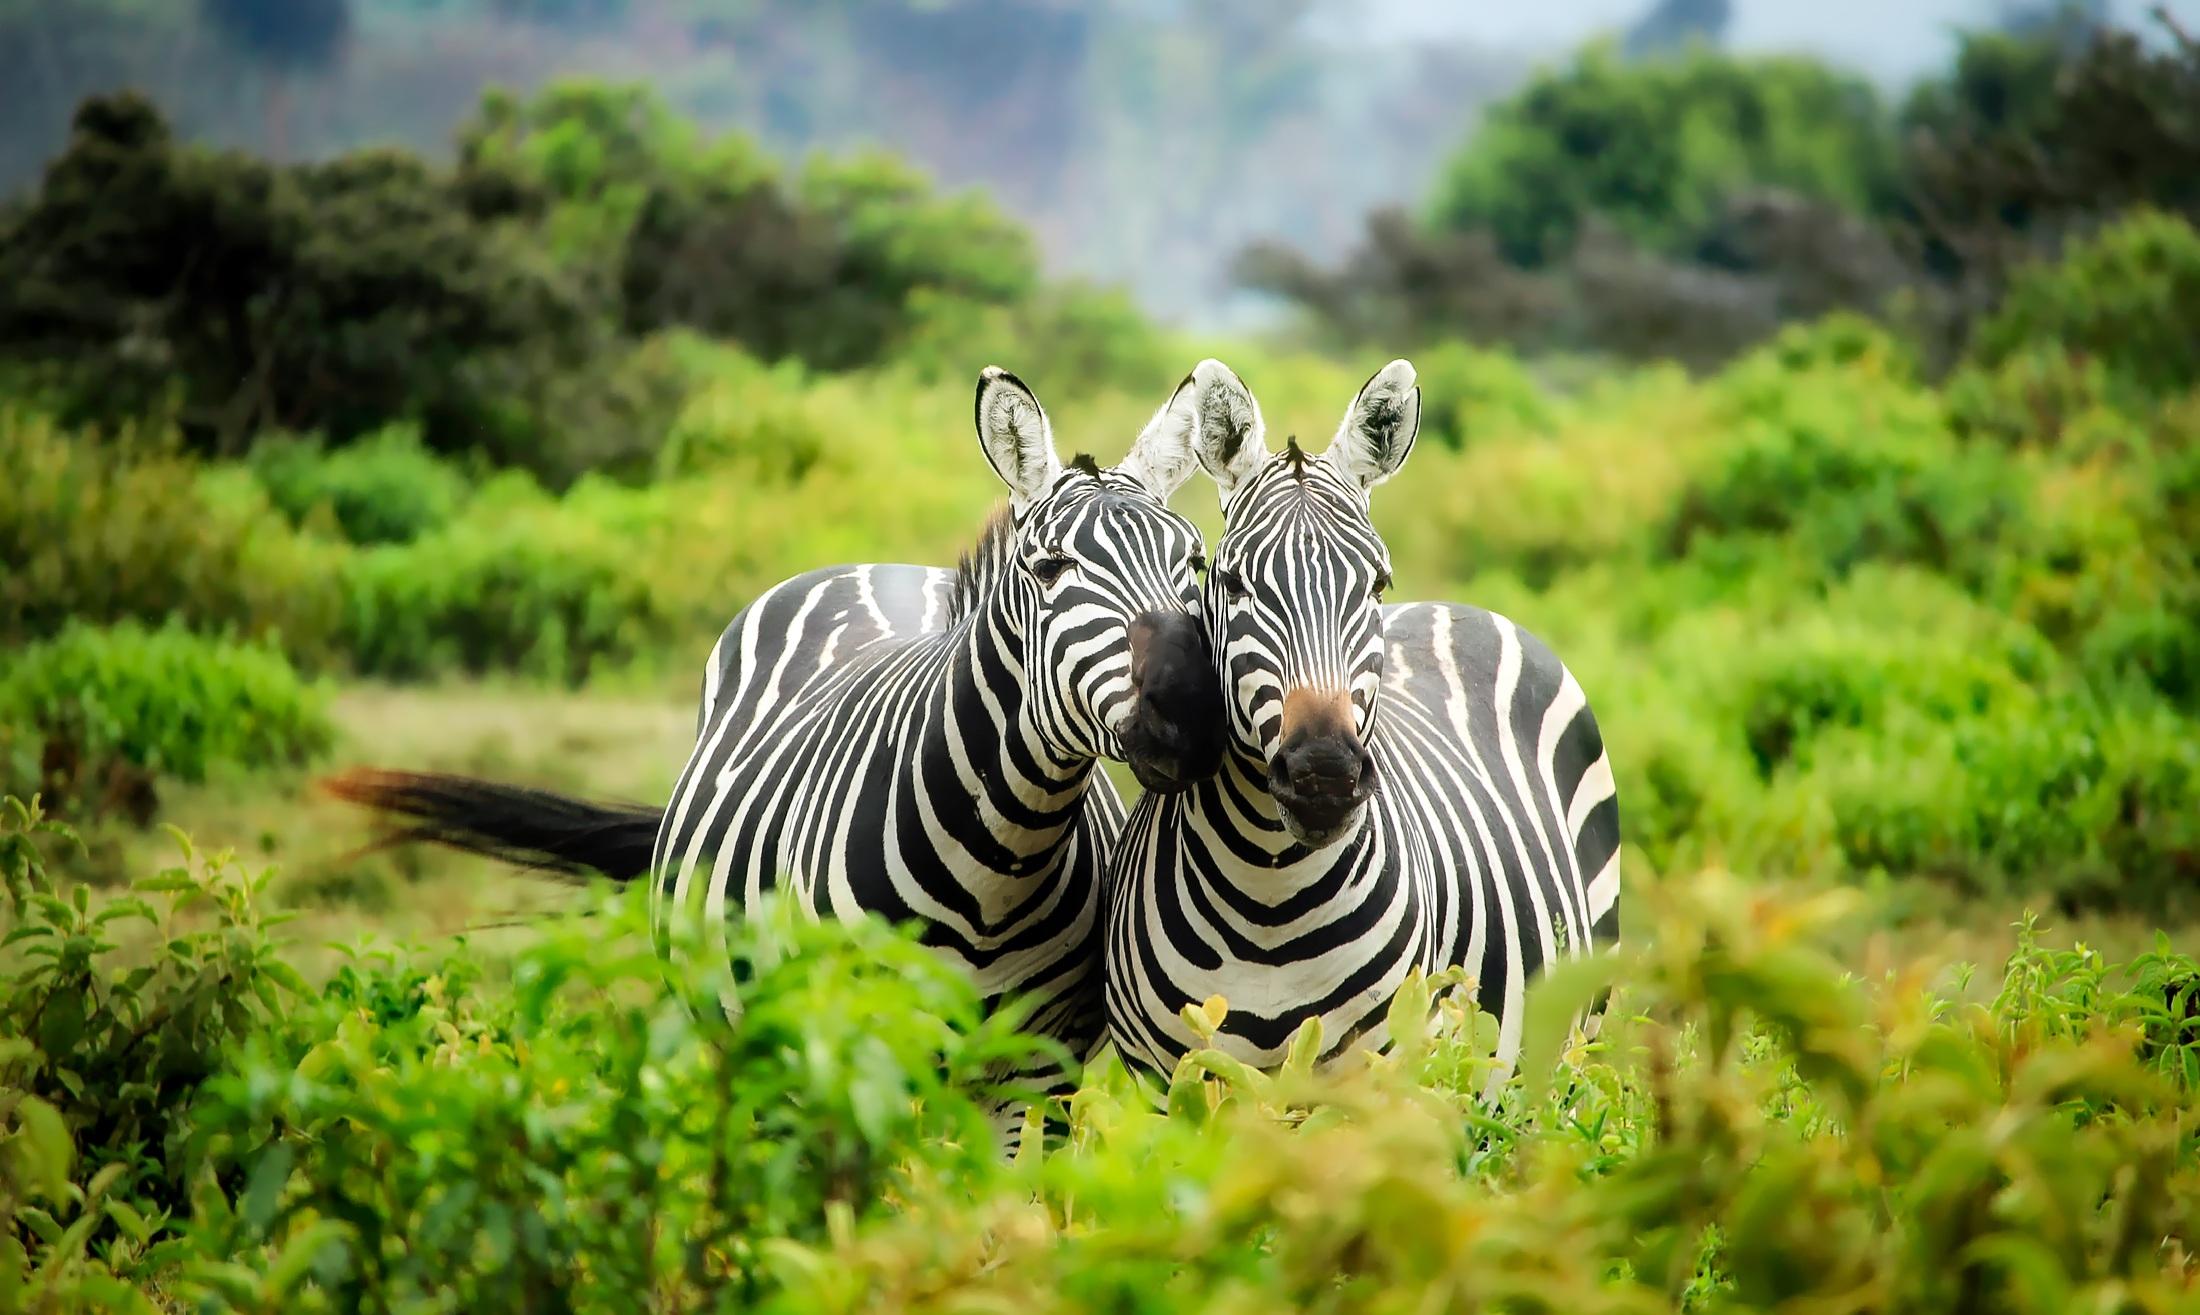 zebras on zebra free stock photo